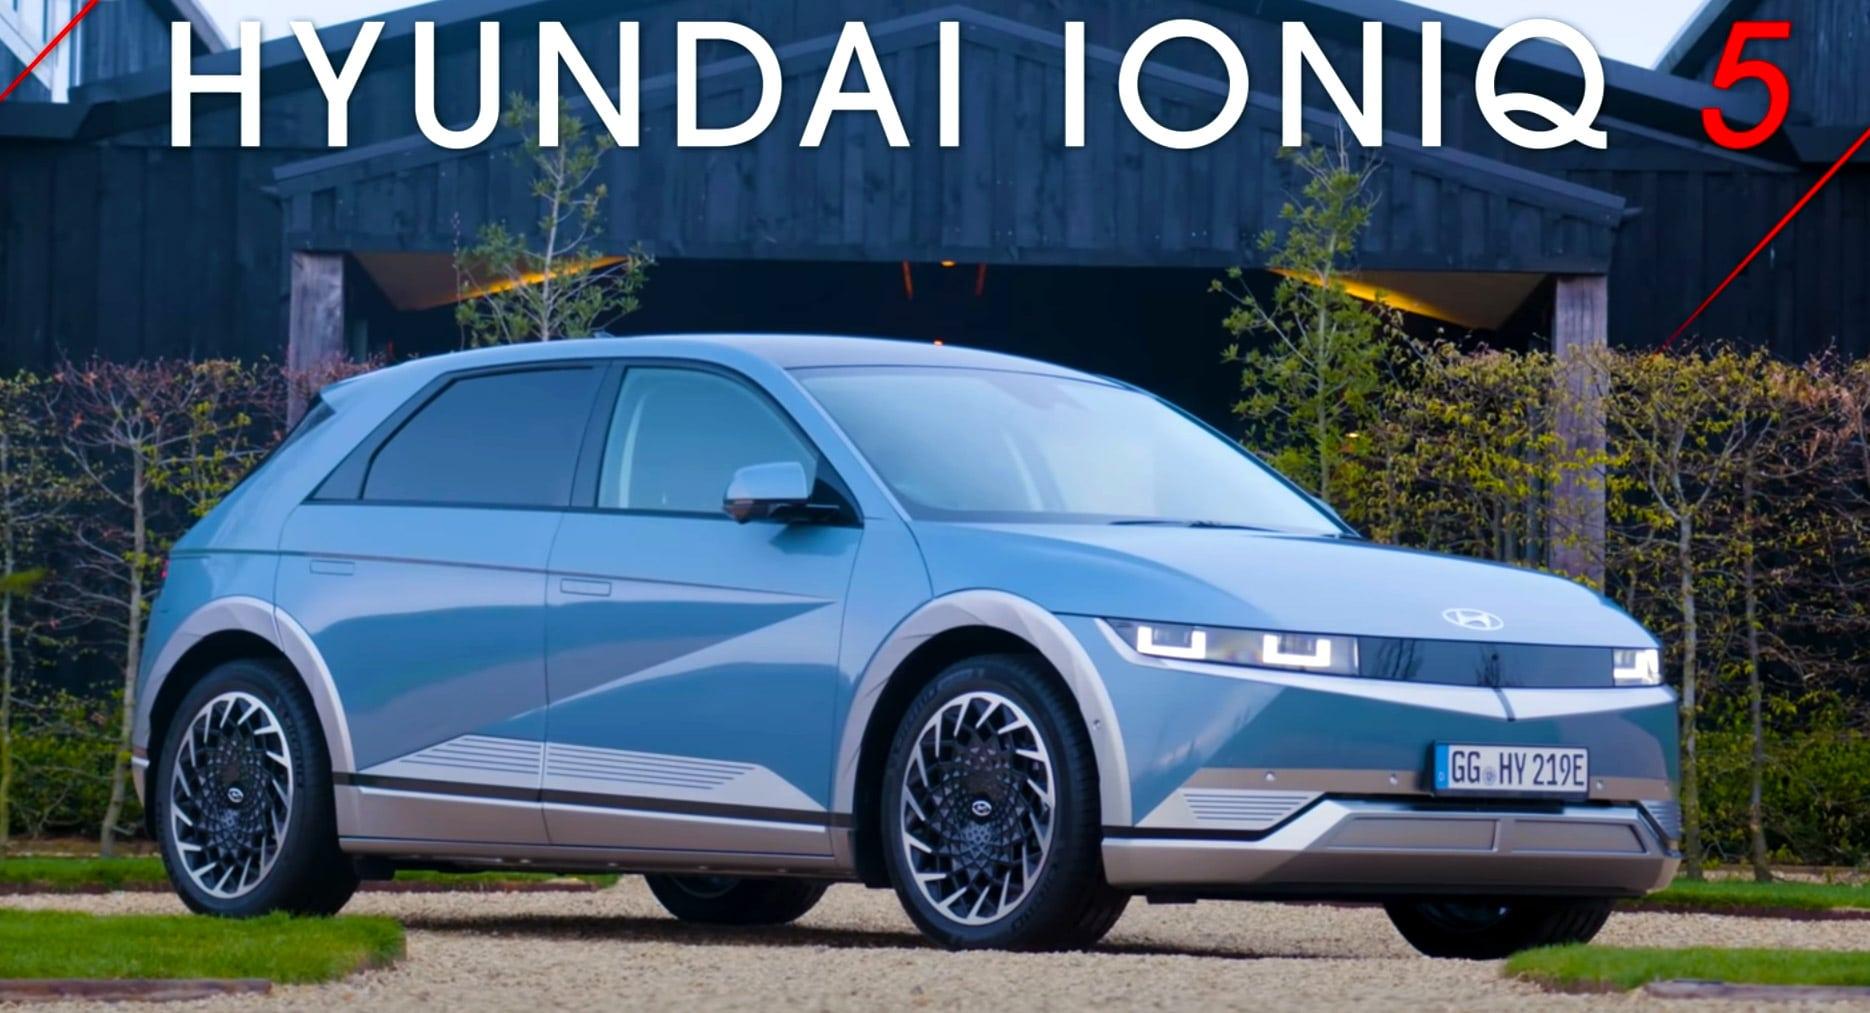 Hyundai commercialise la voiture électrique Ioniq 5 !